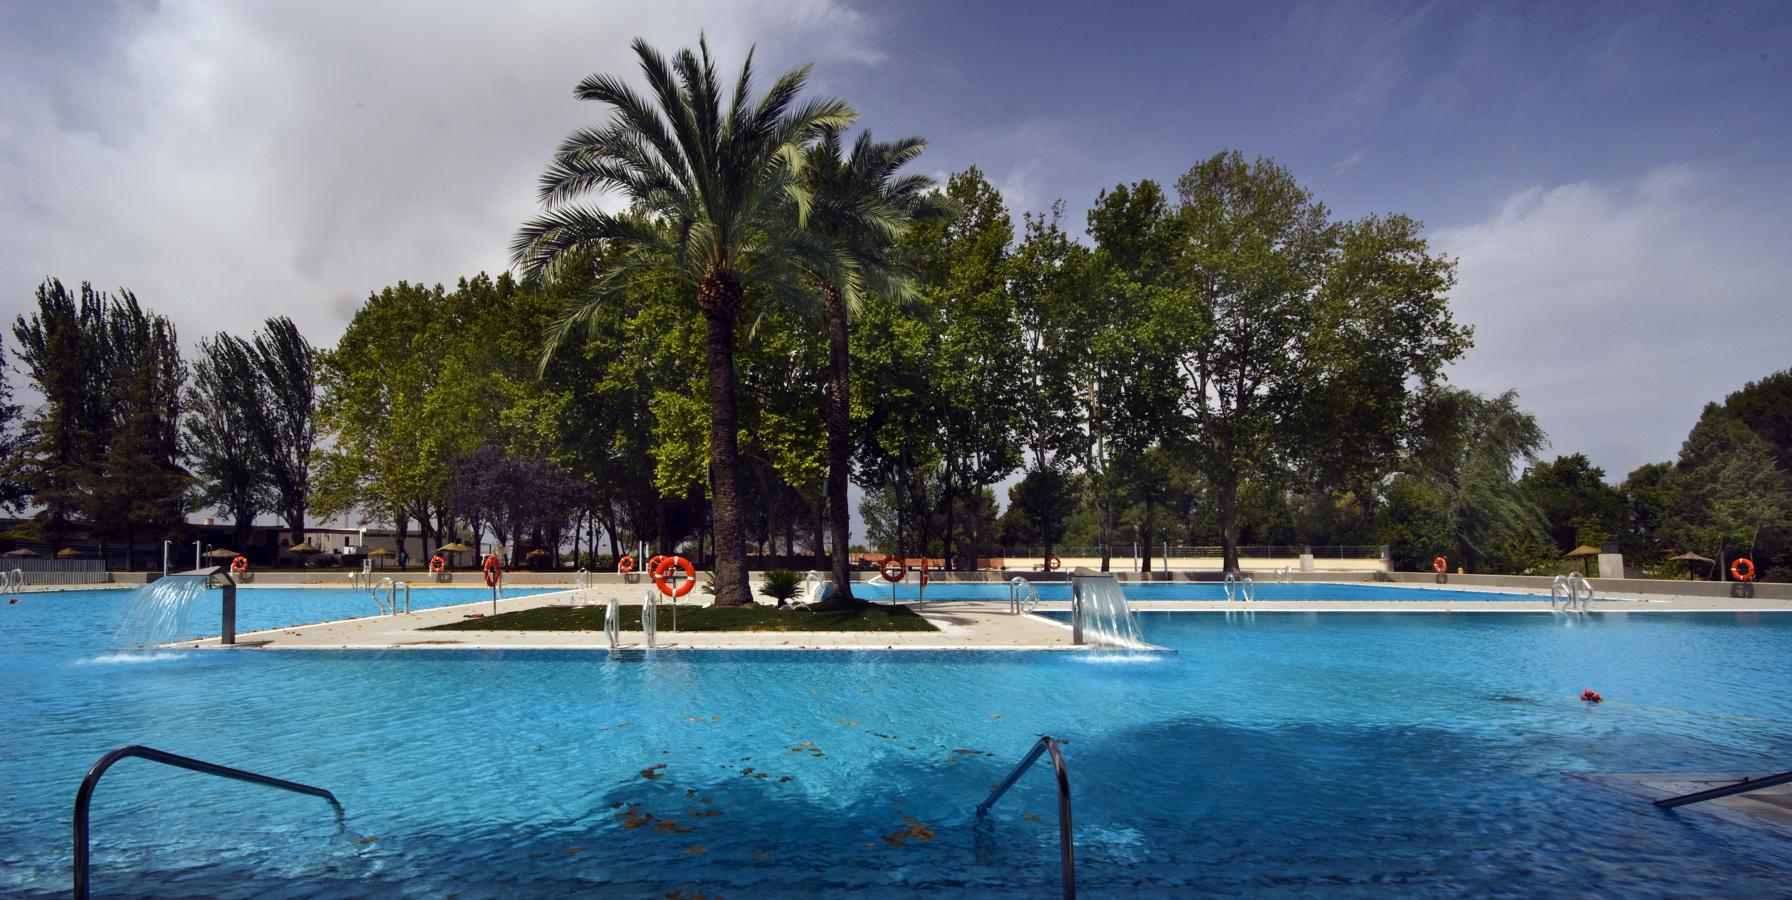 Piscina montilla ideas reformas piscinas for Piscina municipal